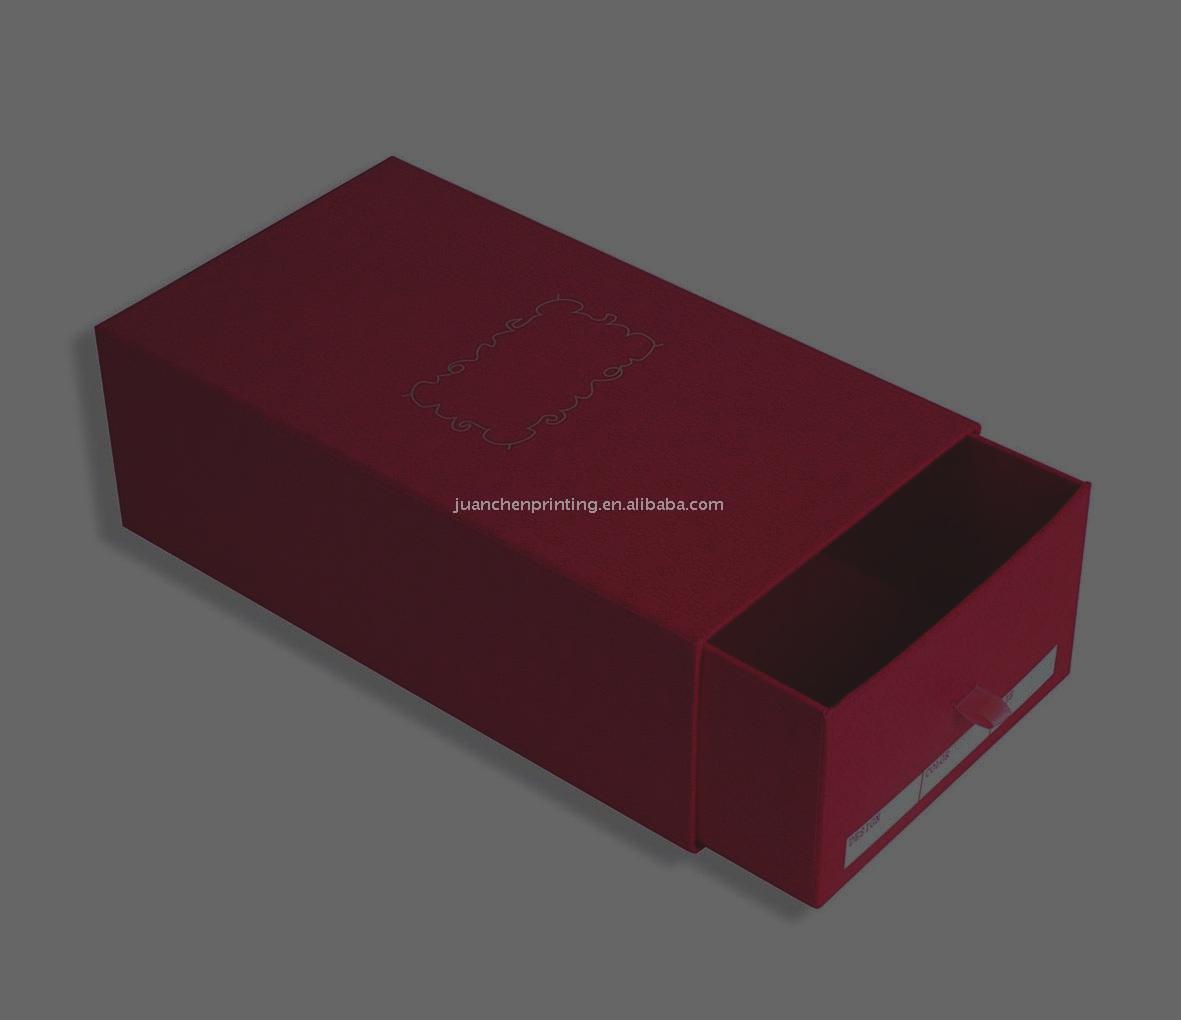 Printed Craft Gift Boxes (Печатный Craft Подарочные коробки)